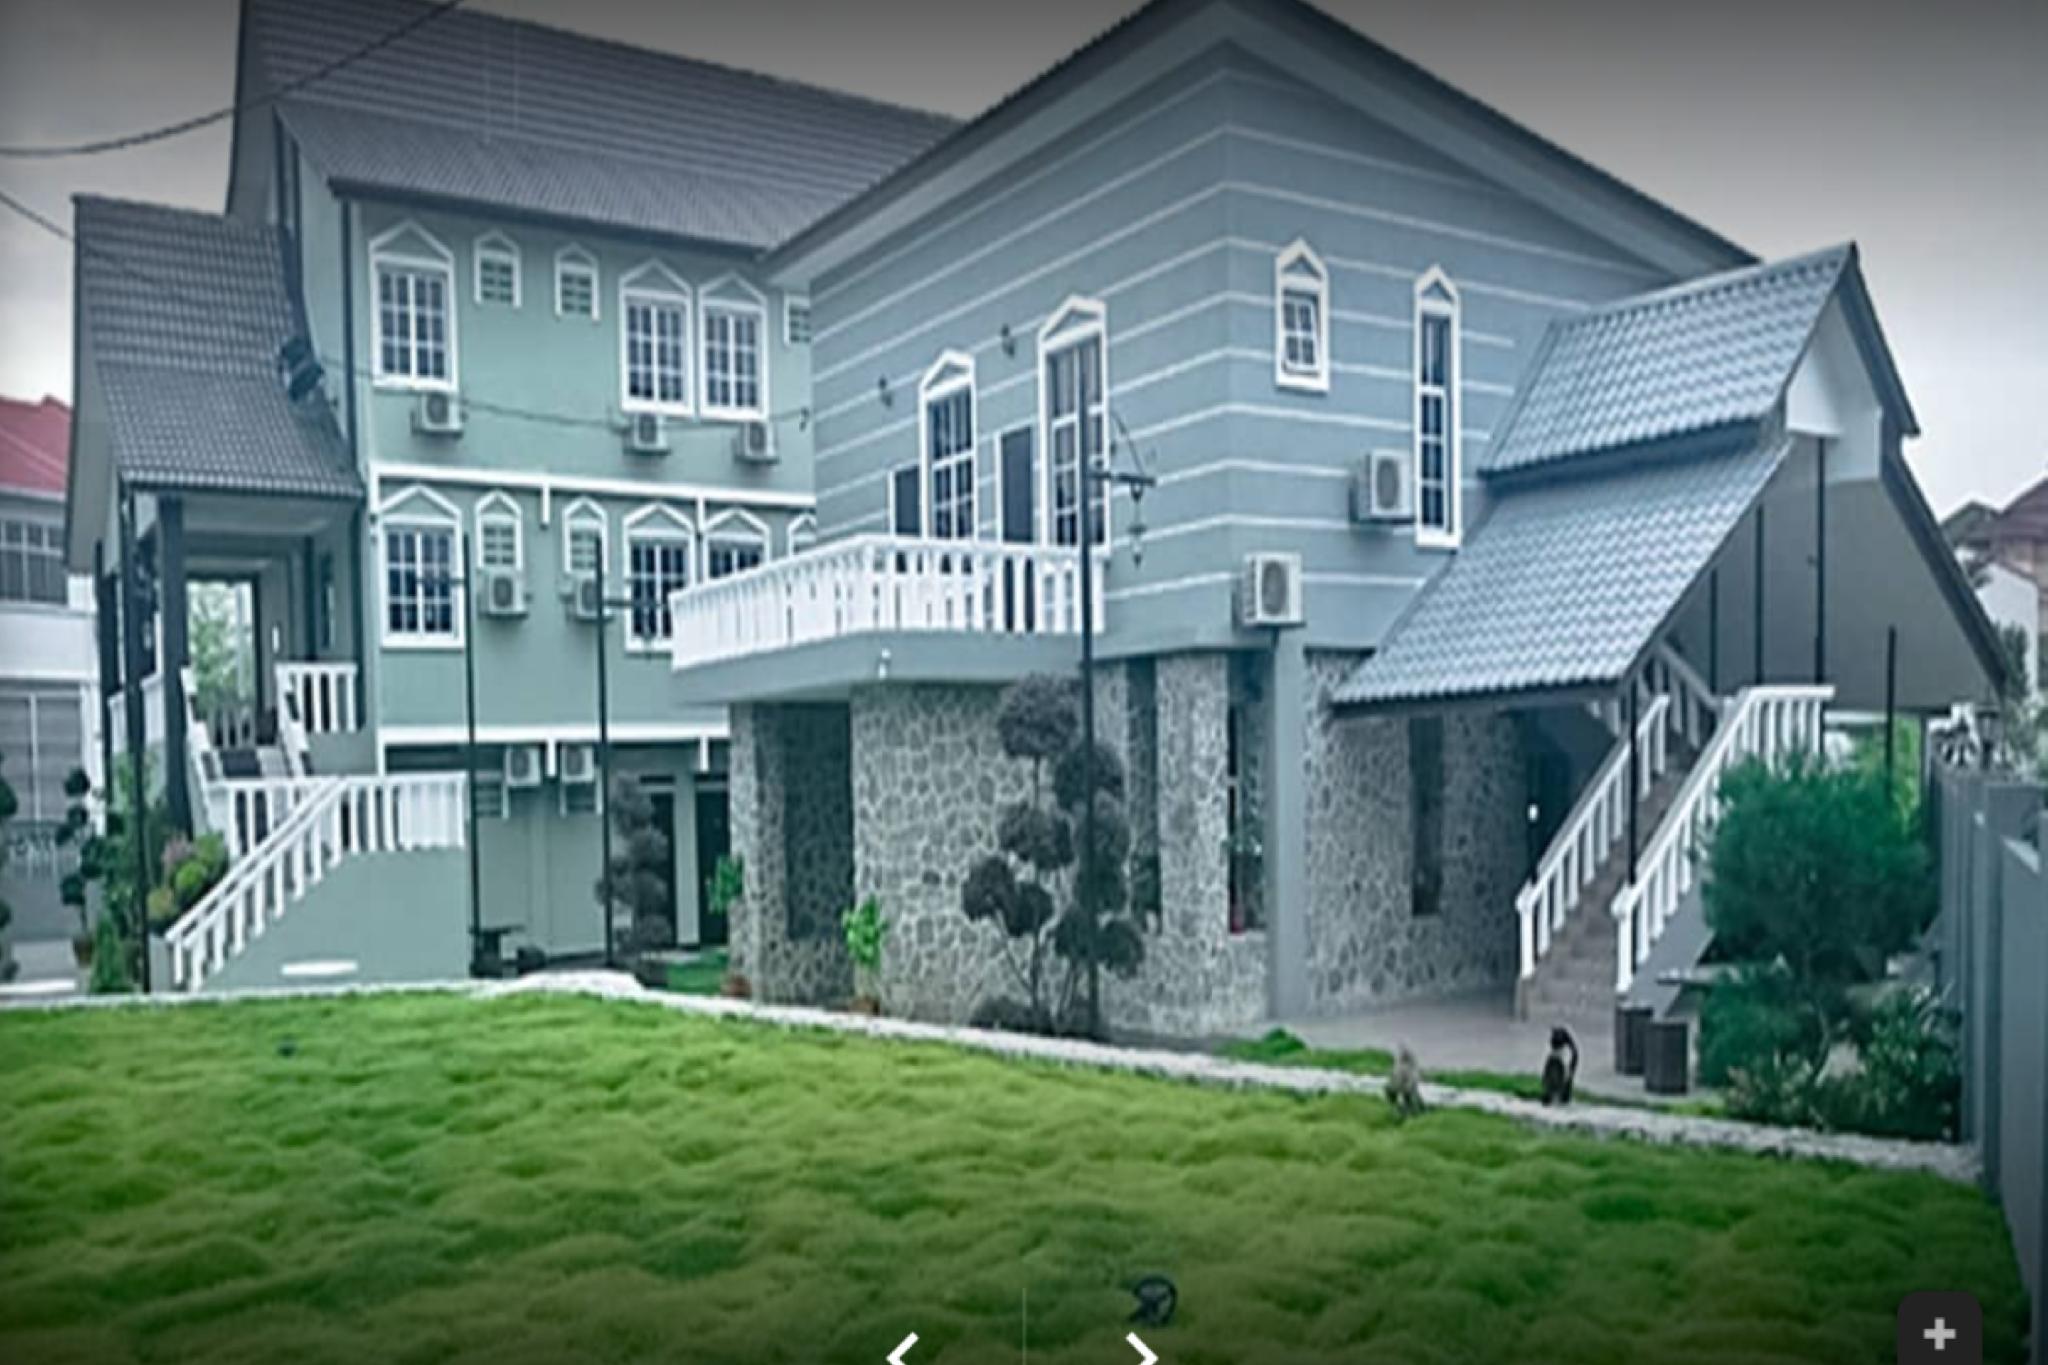 OYO 90009 Bangi Sri Minang GuestHouse, Hulu Langat